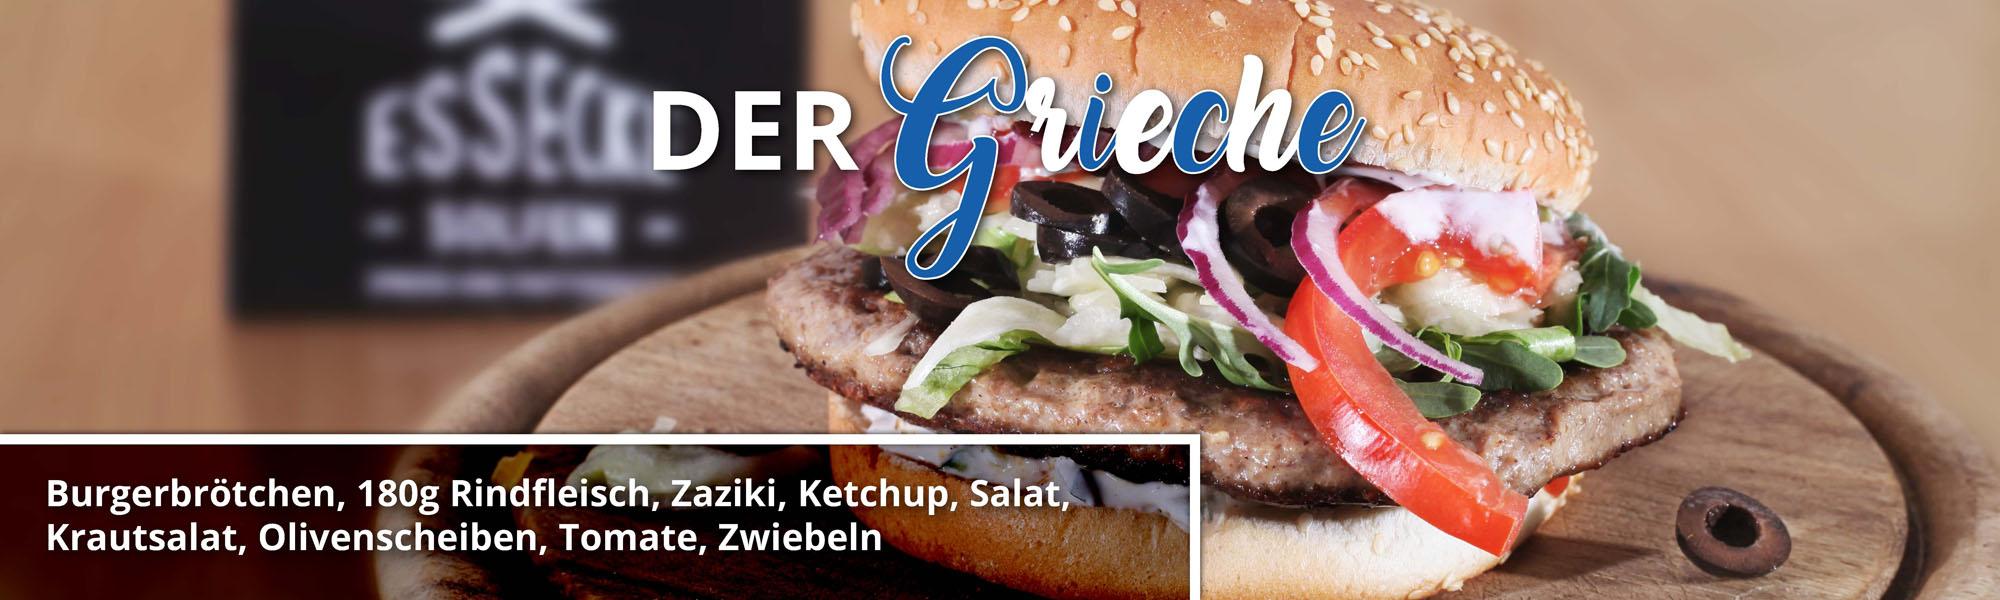 Essecke Solfen Lemgo Burger Der Grieche